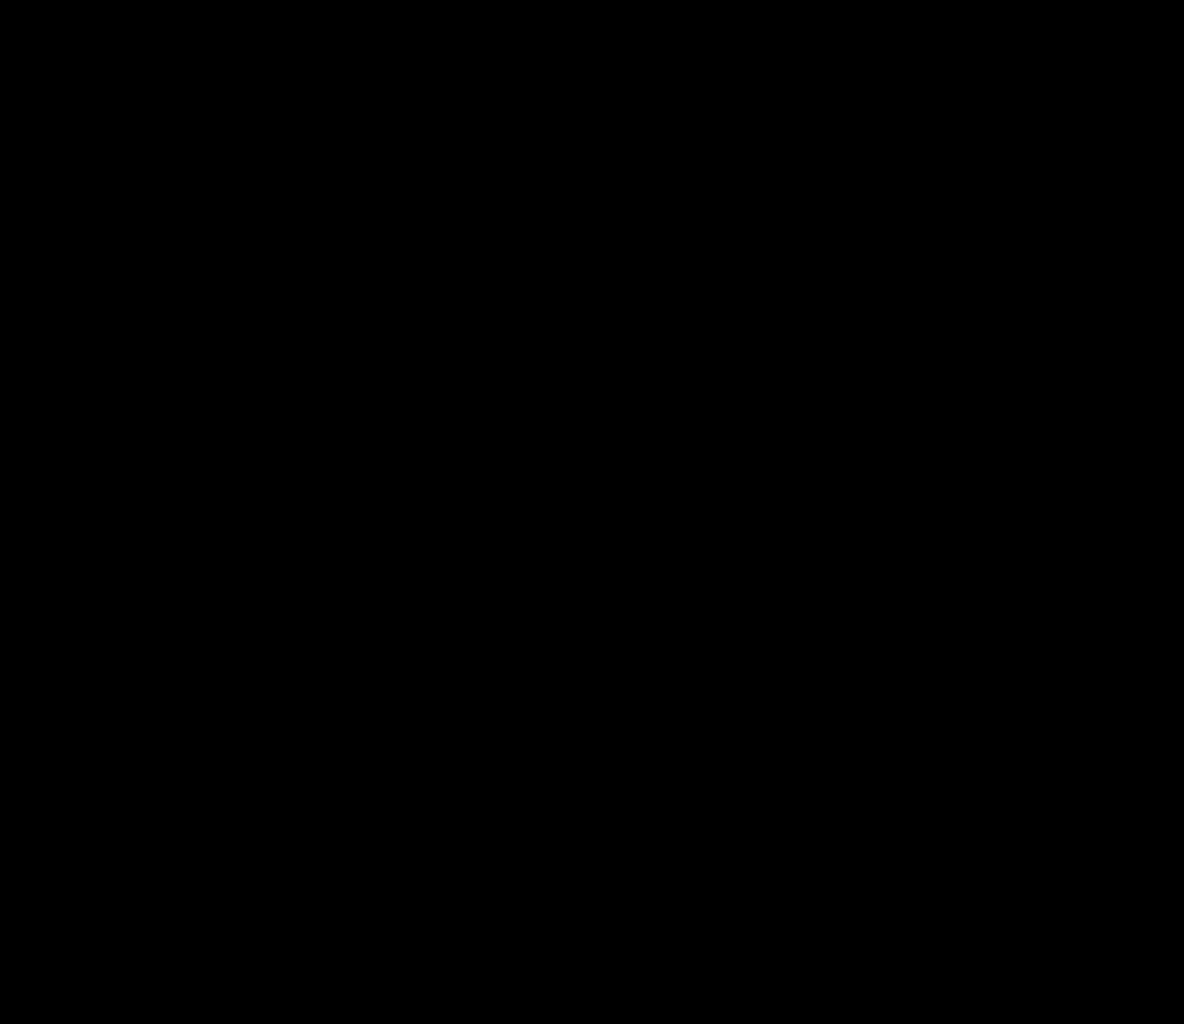 Png shape transparent images. Clipart shapes hexagon